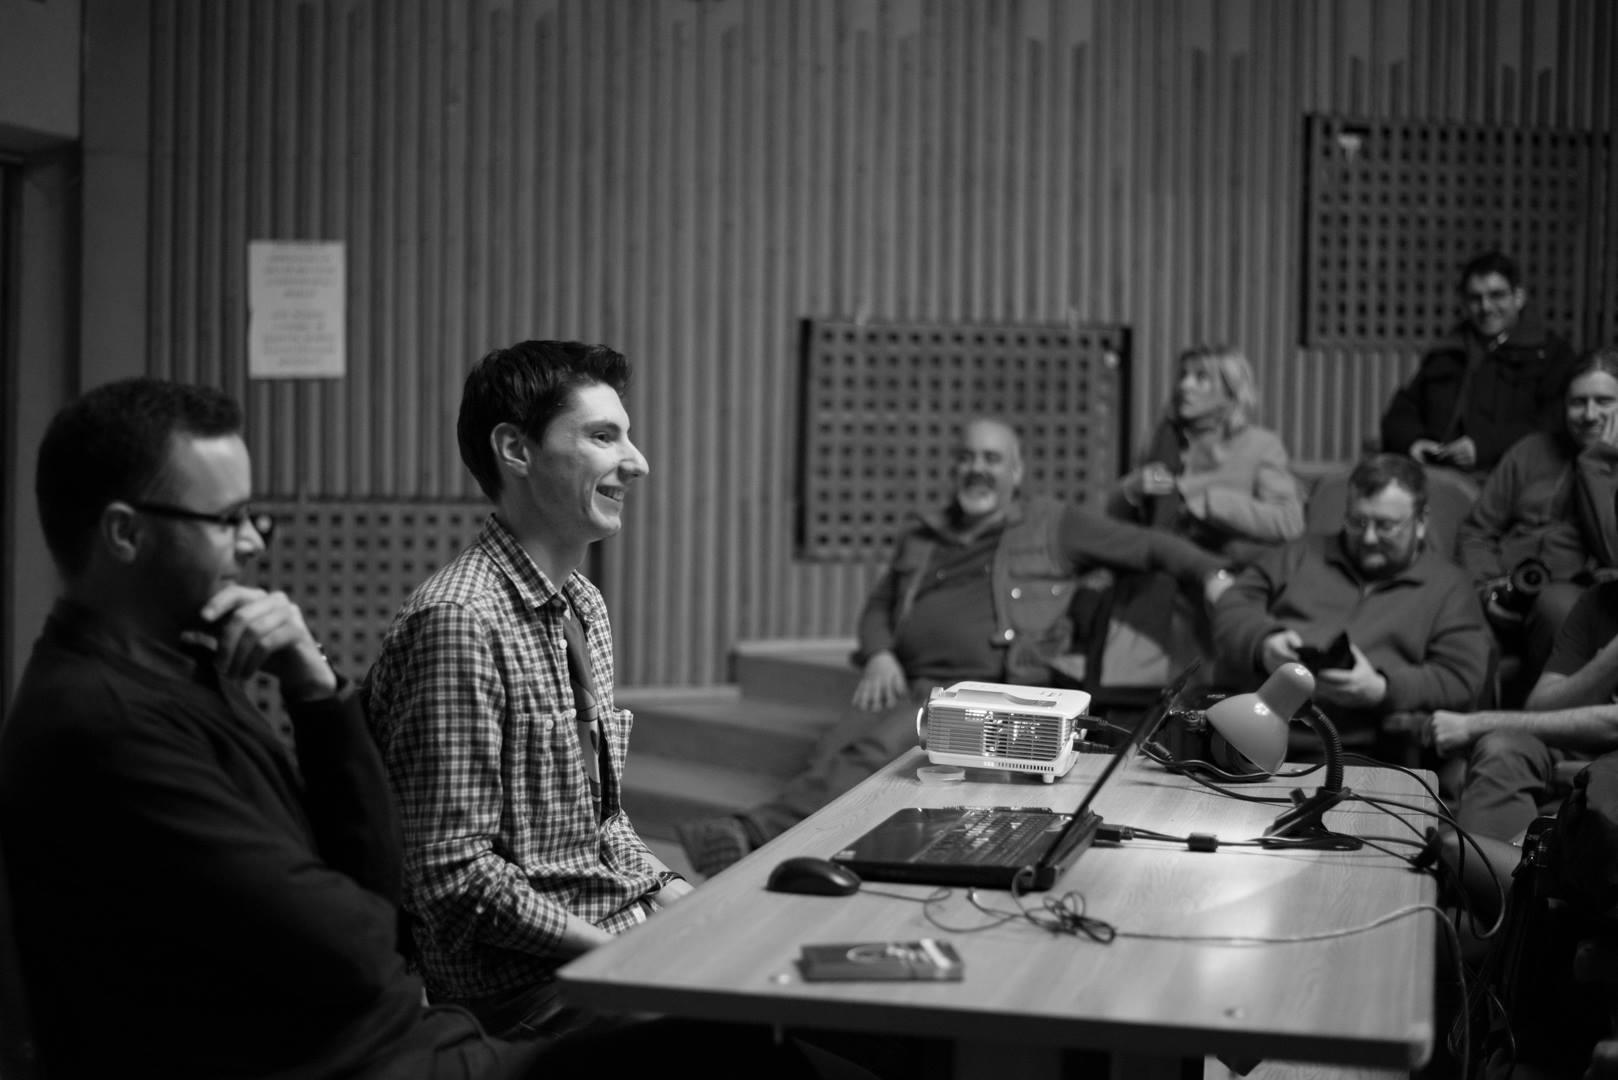 Expoziţie de fotografie Printre popi şi doamne - organizator Clubul Fotografilor Iasi Marius Balan, Vasile Iacob, Larisa Maxim, Paul Pădurariu, Ionuţ Rebegea, Cristi Vidraşcu